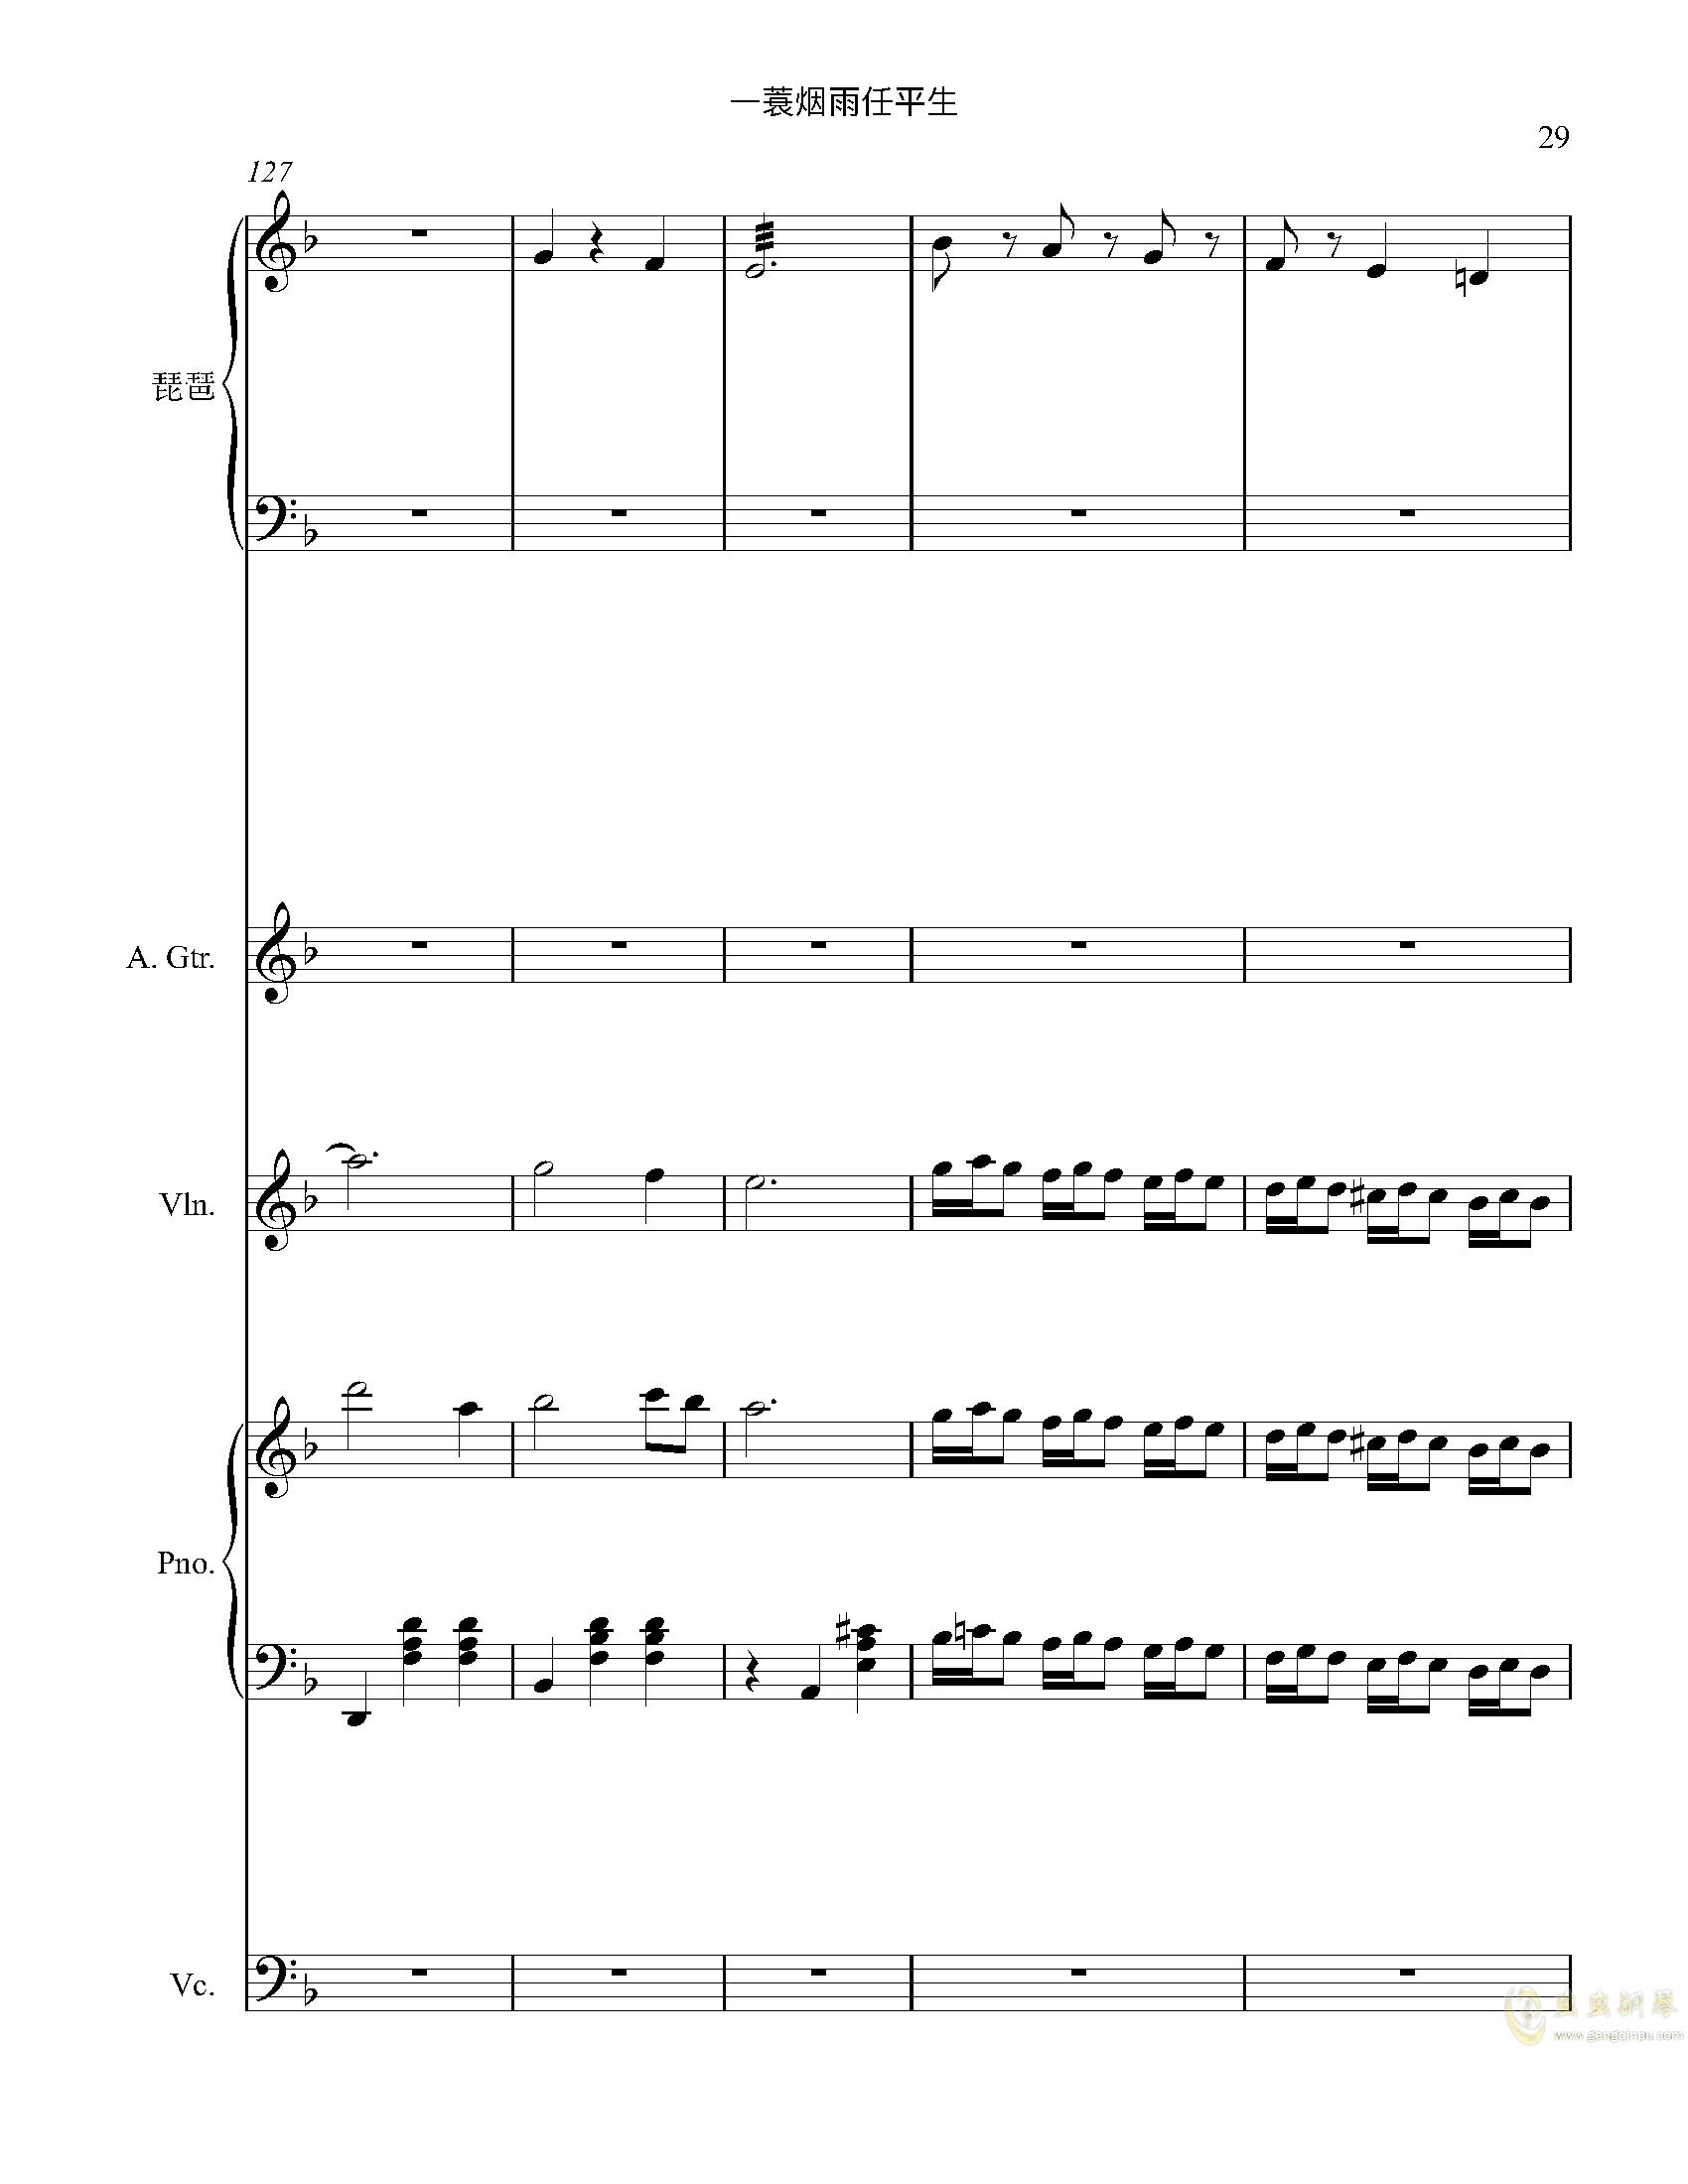 一蓑烟雨任平生钢琴谱 第29页